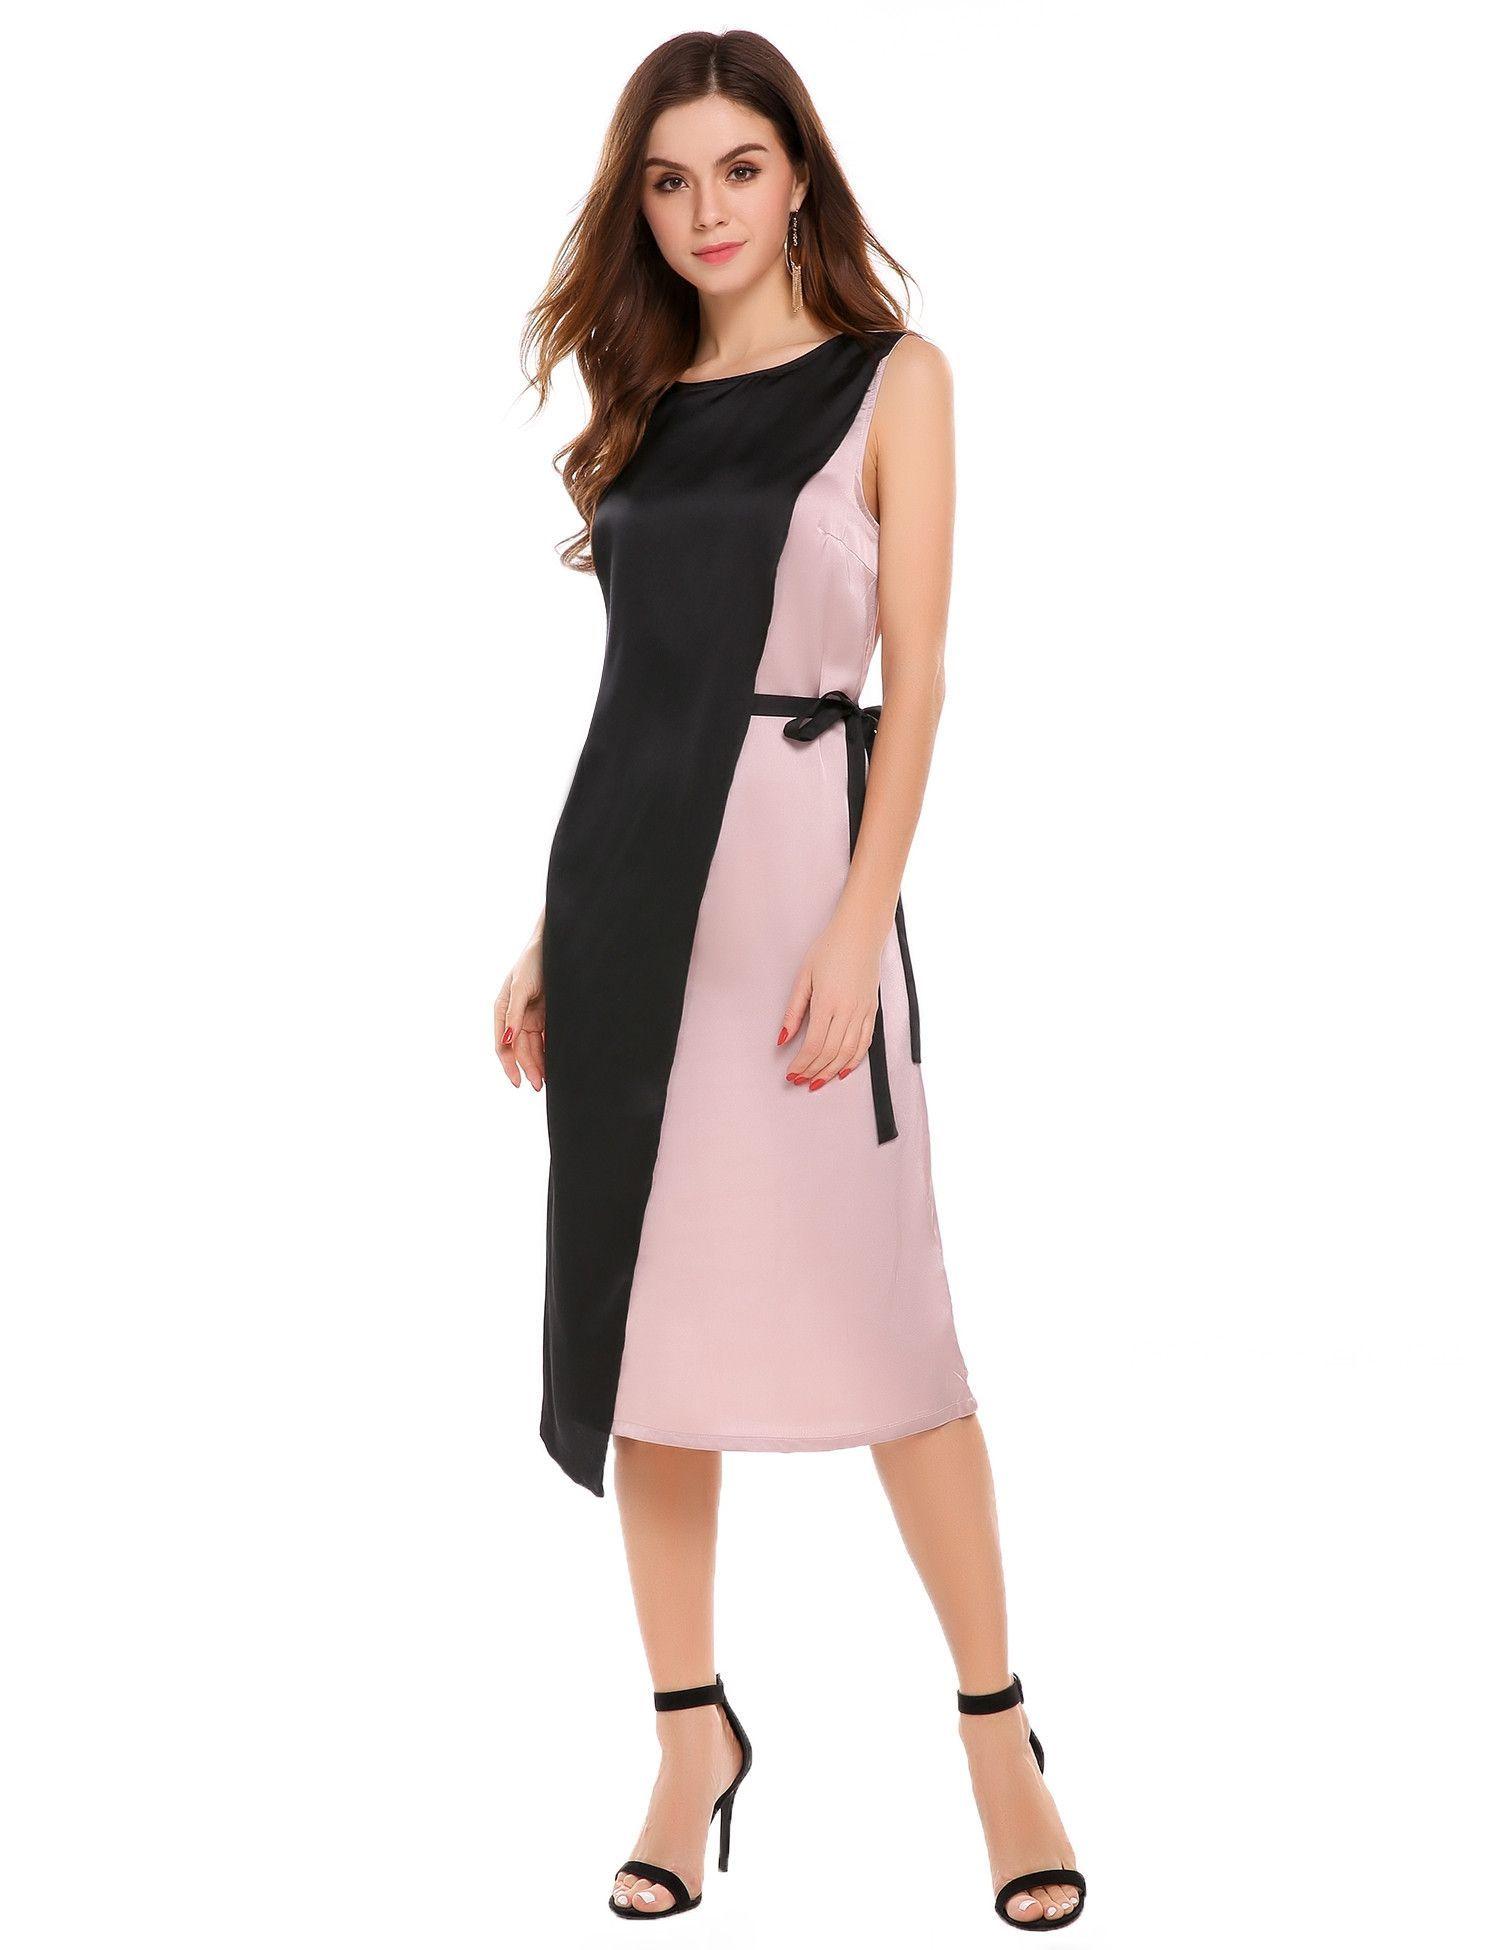 f51ea5e2d87c Silver O-Neck Sleeveless Contrast Color Loose Sheath Dress